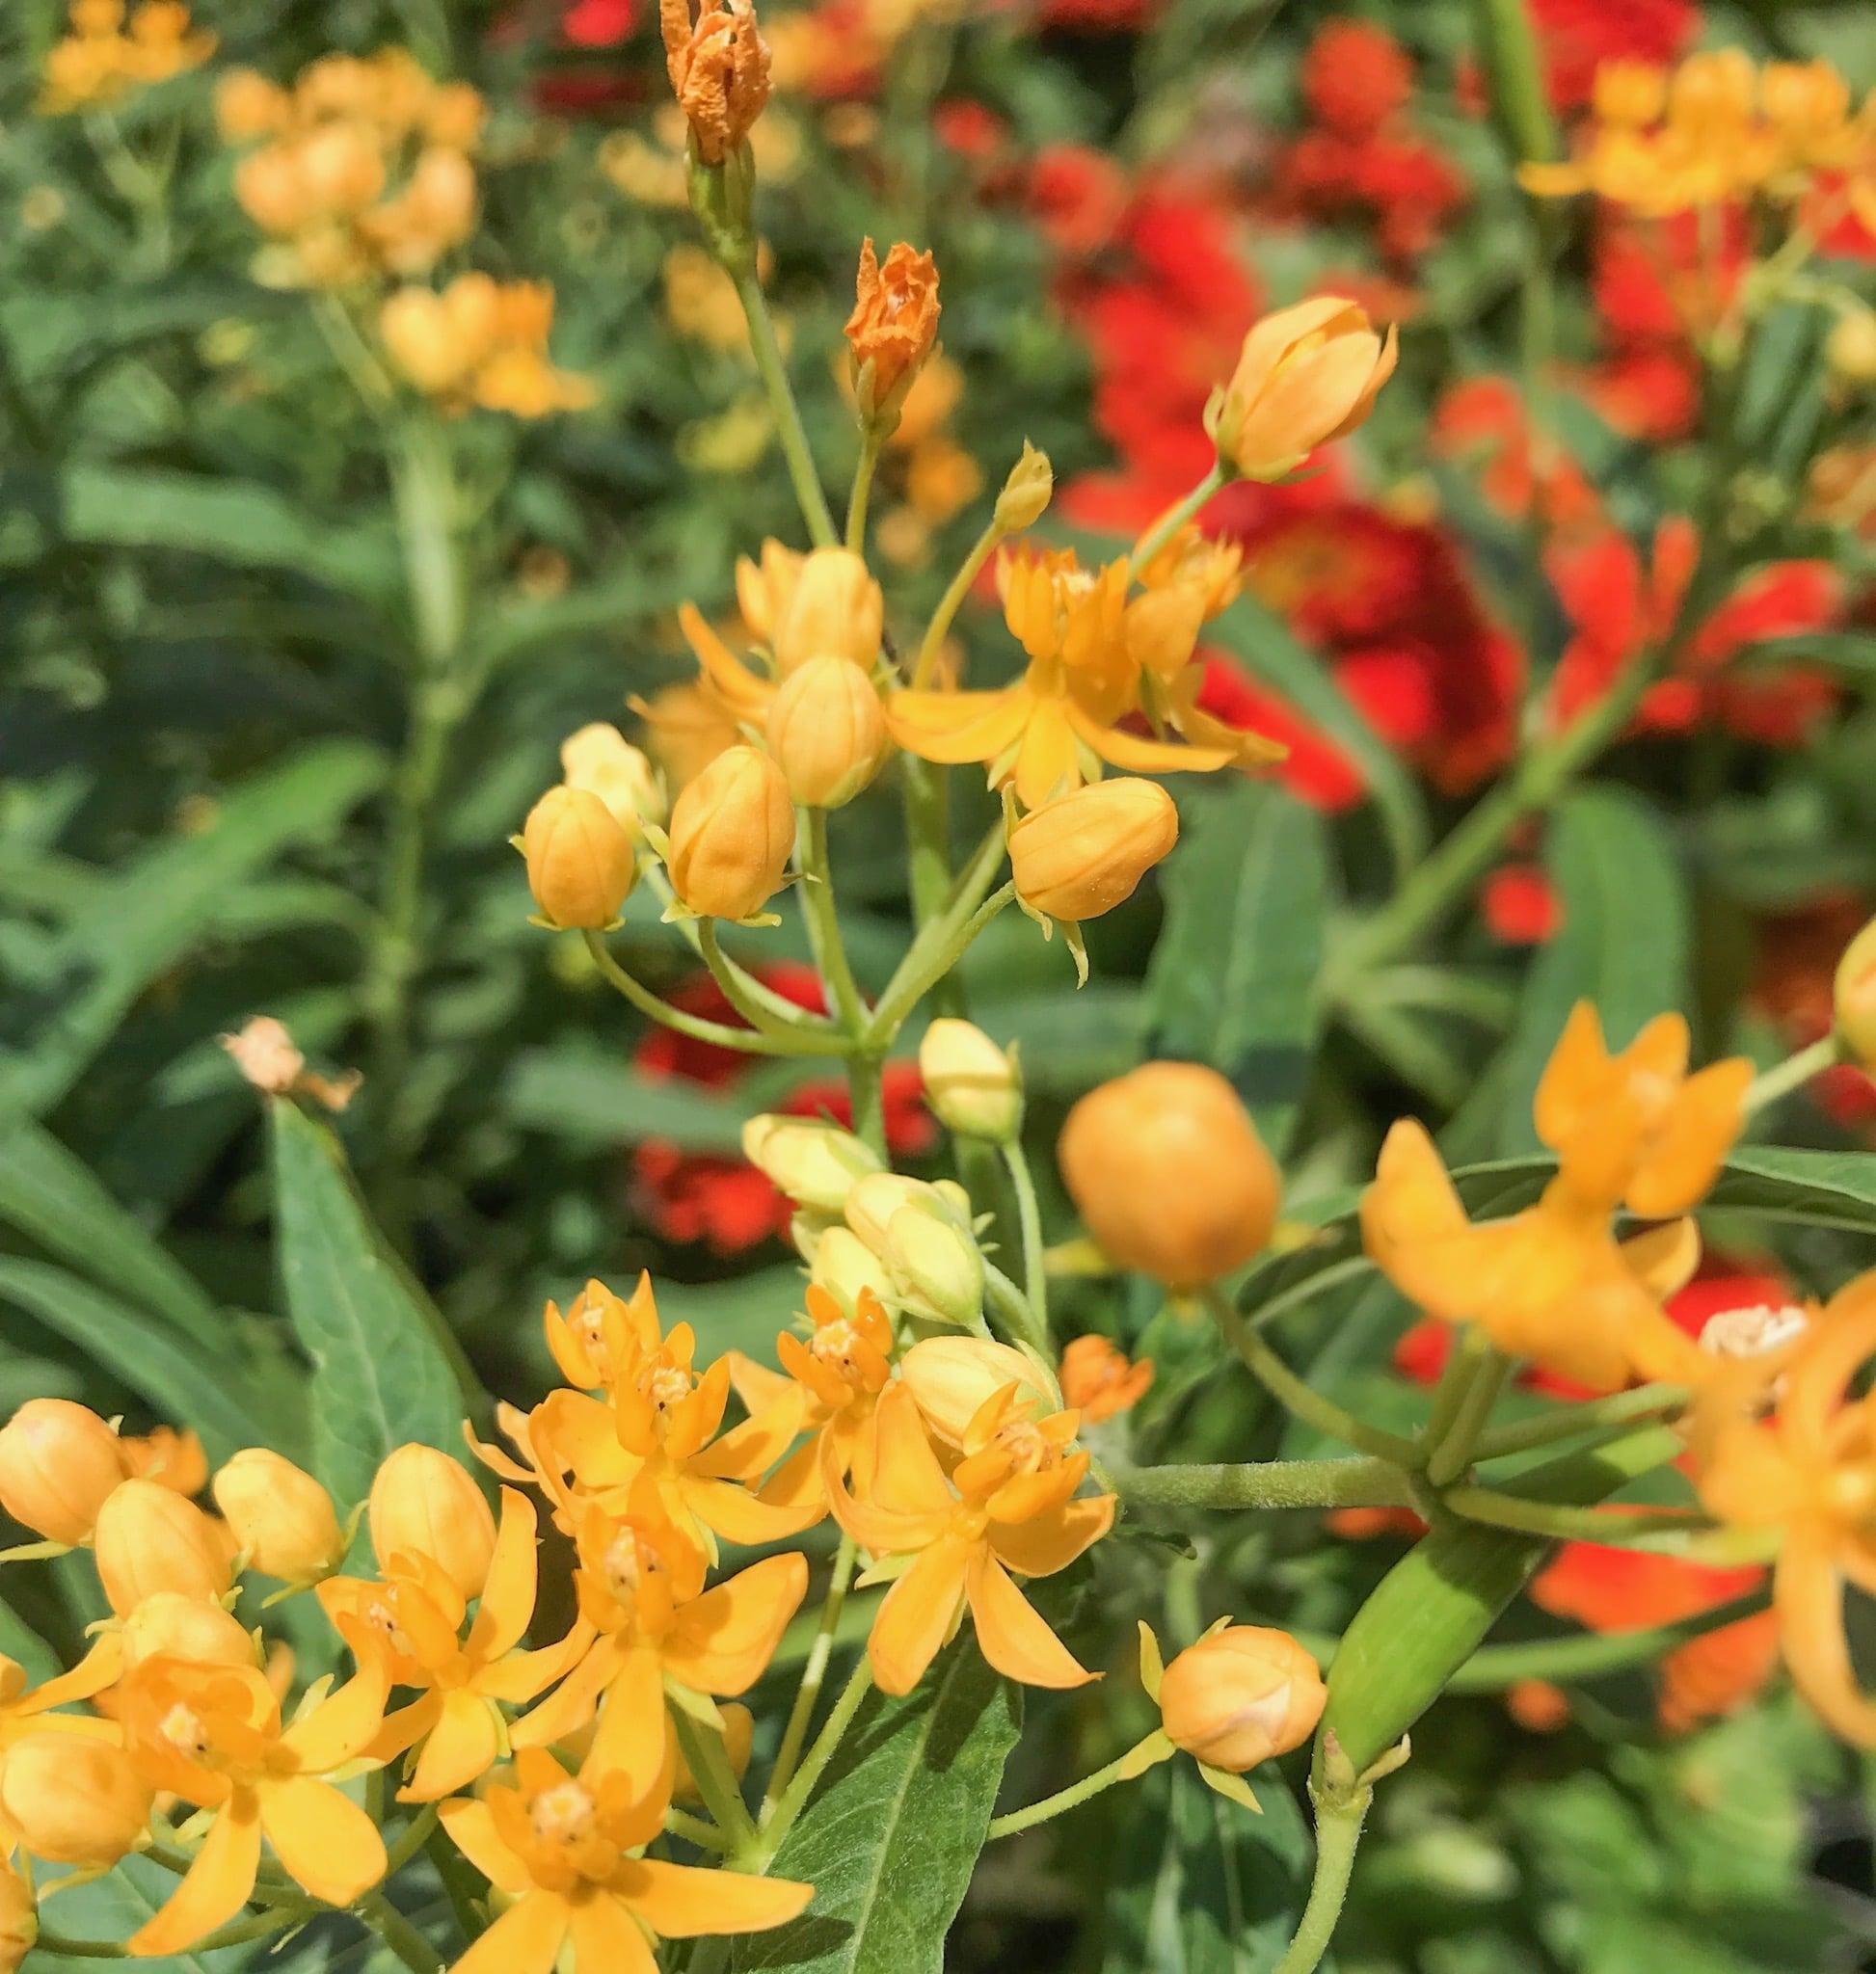 Best Perennials for a Drought-Tolerant Garden